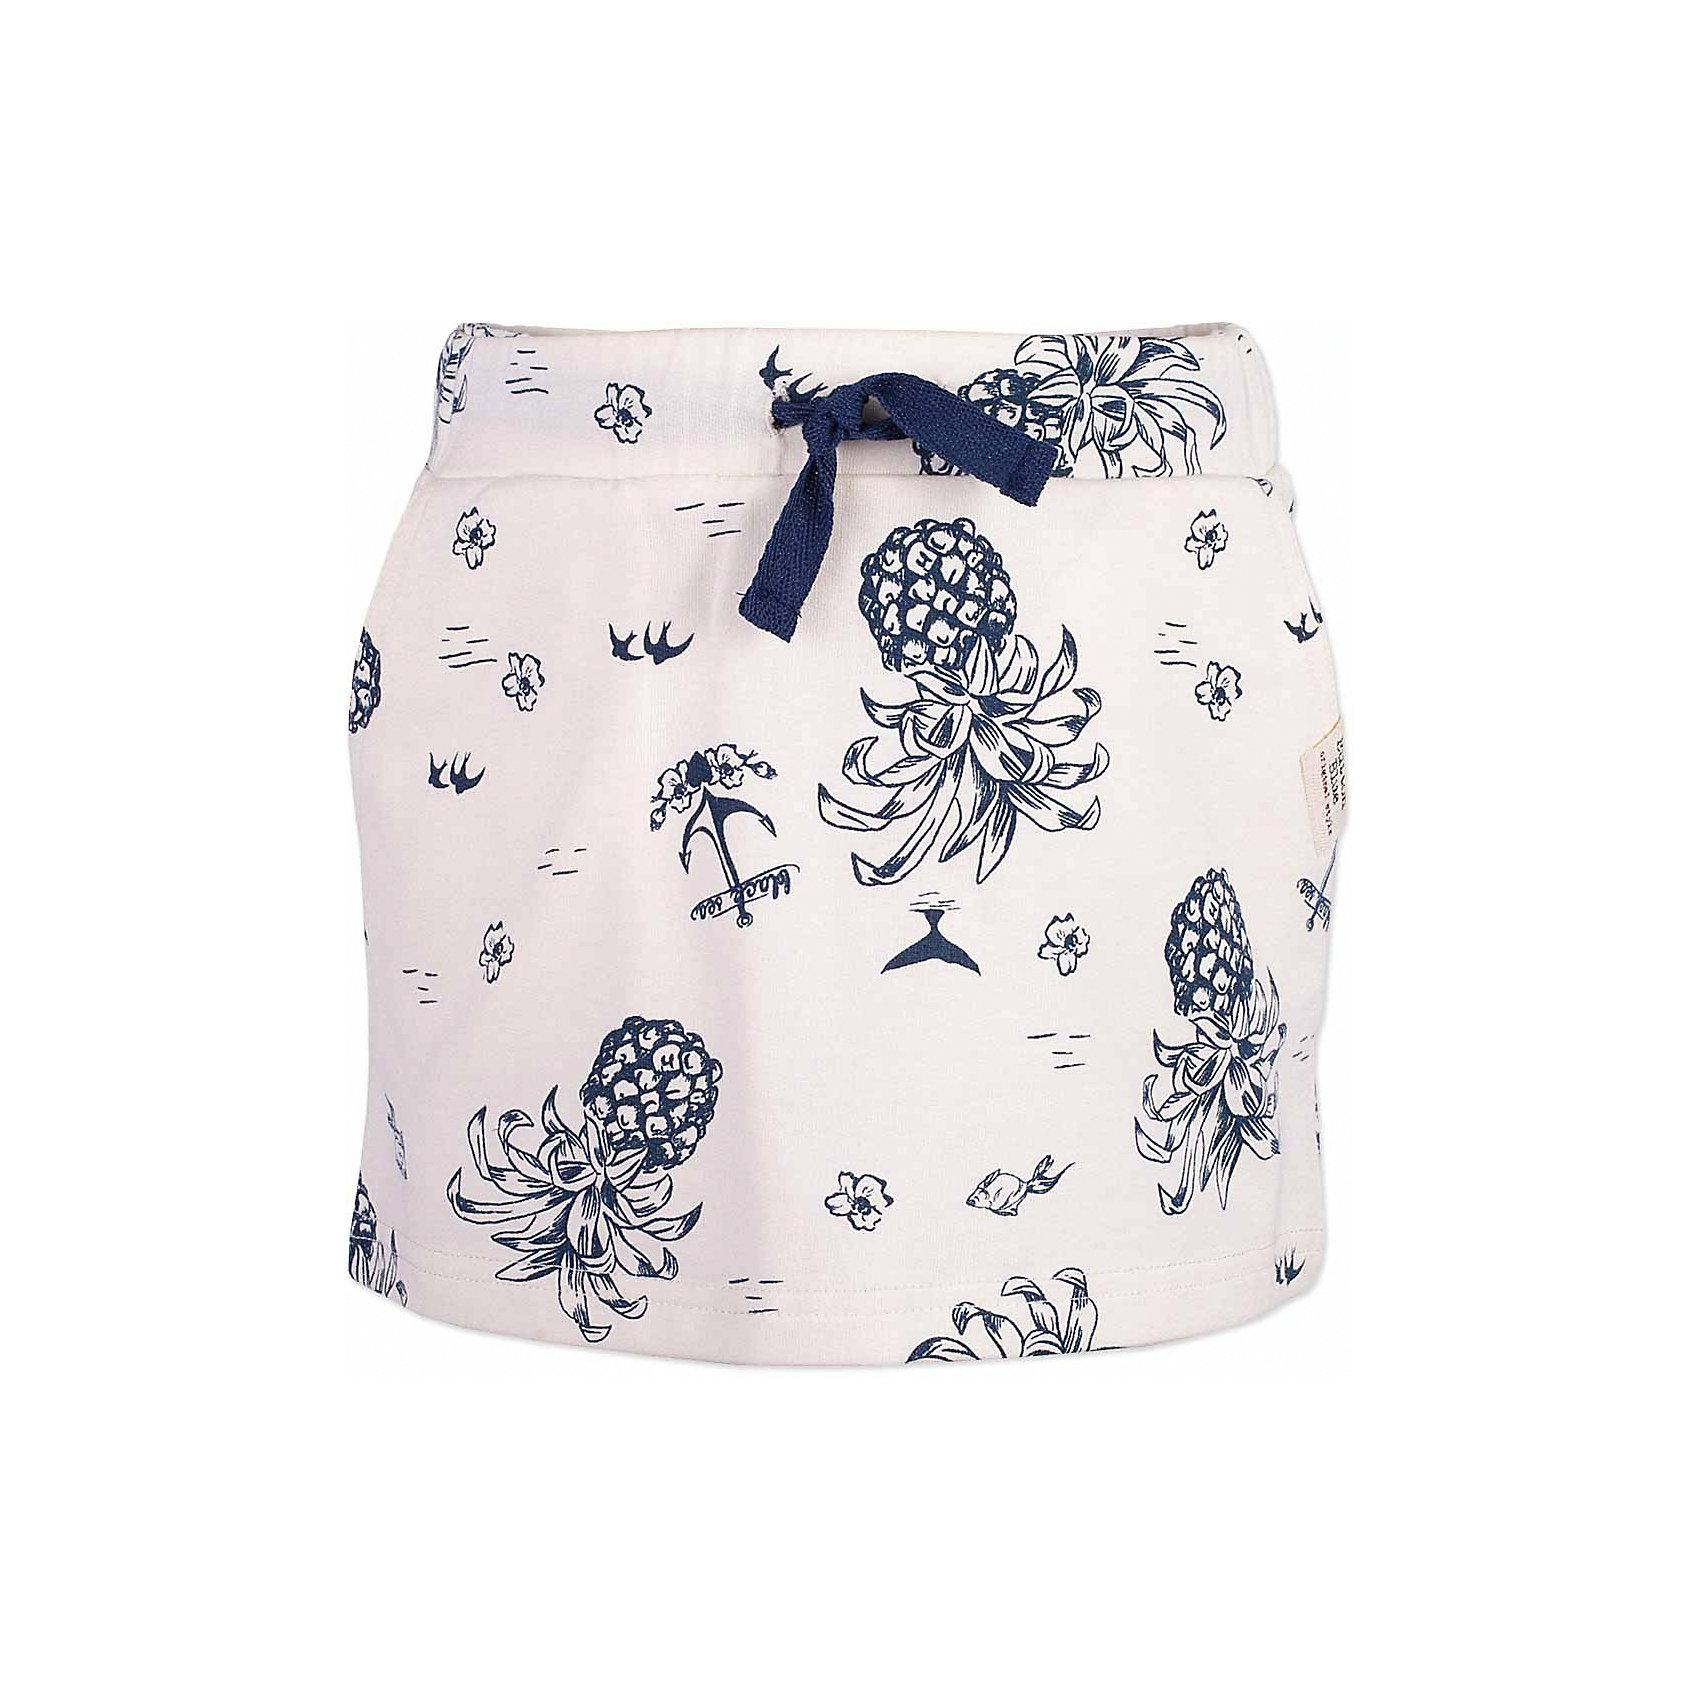 Юбка для девочки  BUTTON BLUEЮбки<br>Юбка для девочки  BUTTON BLUE<br>Не один детский гардероб не обойдется без летней юбки. А если она еще и красива, и удобна, и продается по доступной цене, эта юбка девочке просто необходима! Если вы хотите купить стильную трикотажную юбку недорого, не сомневаясь в ее качестве, комфорте и высоких потребительских свойствах, эта симпатичная модель в спортивном стиле — отличный вариант!<br>Состав:<br>60% хлопок 40% полиэстер<br><br>Ширина мм: 207<br>Глубина мм: 10<br>Высота мм: 189<br>Вес г: 183<br>Цвет: белый<br>Возраст от месяцев: 96<br>Возраст до месяцев: 108<br>Пол: Женский<br>Возраст: Детский<br>Размер: 134,98,104,110,122<br>SKU: 5523553